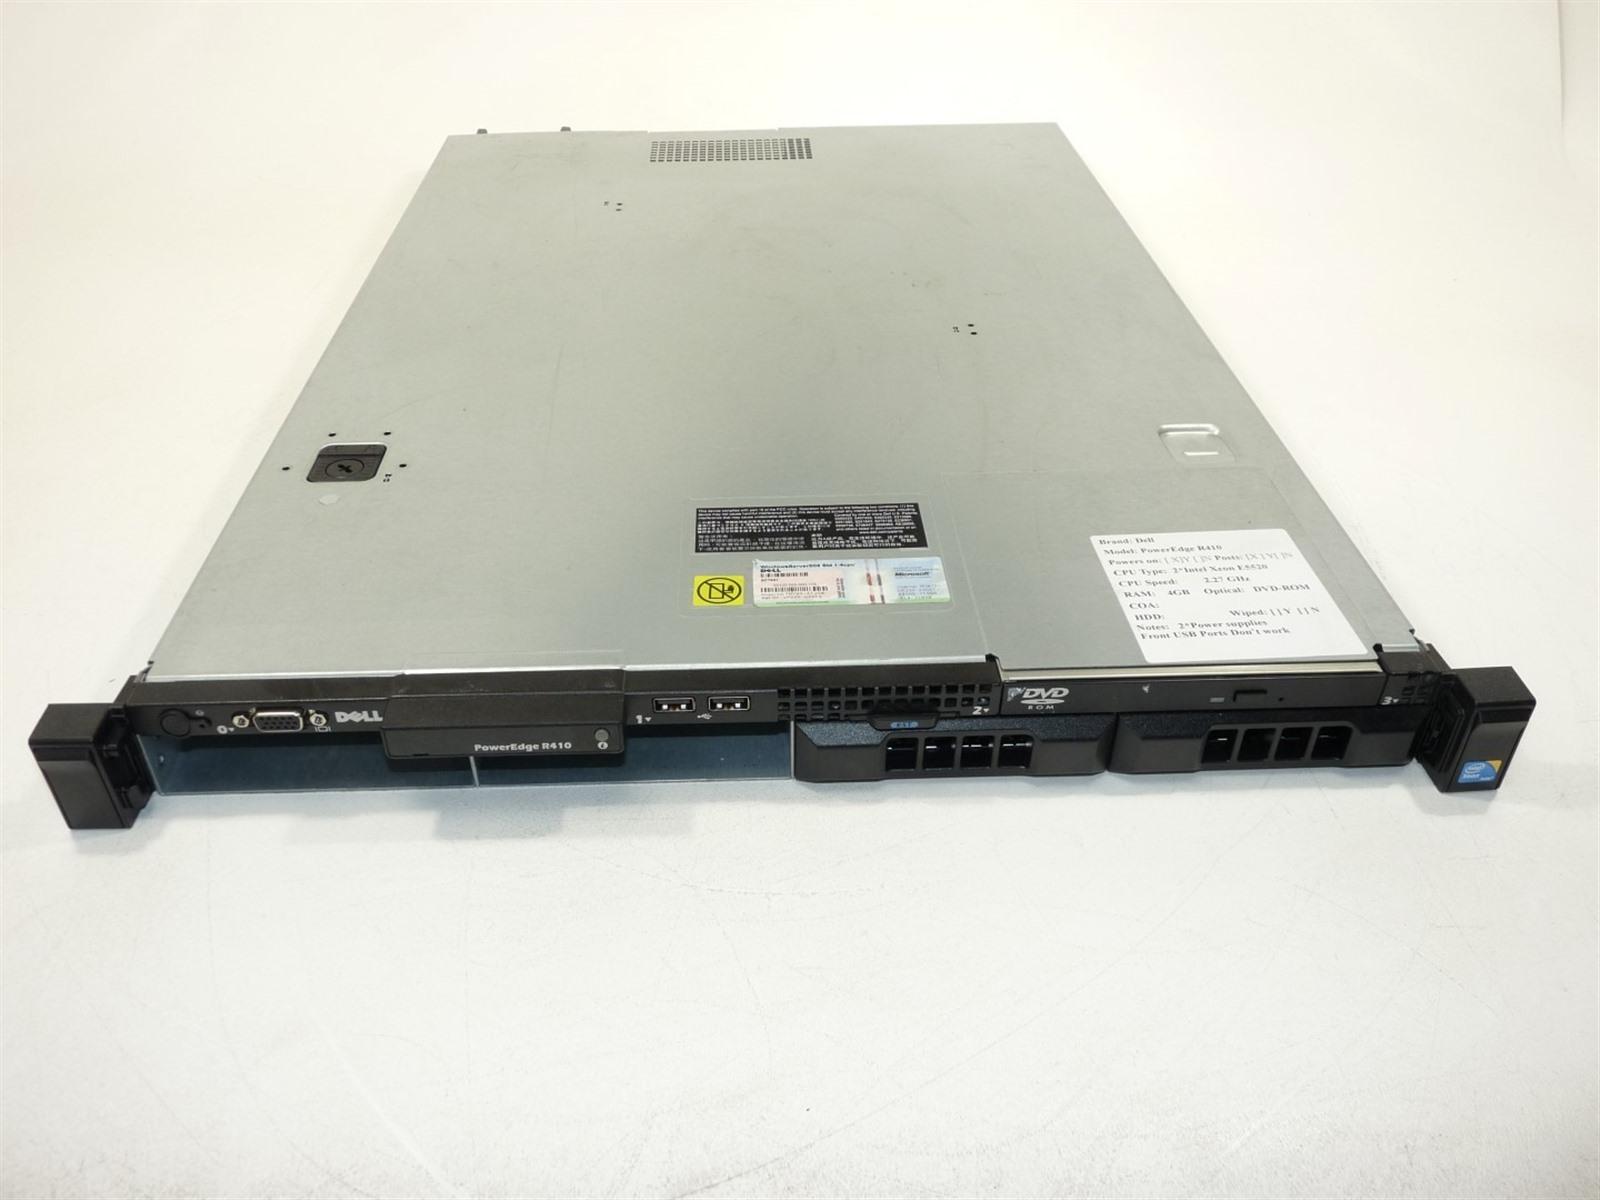 Dell PowerEdge R410 1U Server 2*Xeon(E5520)2 27GHz 4GB 0HD BAD USB